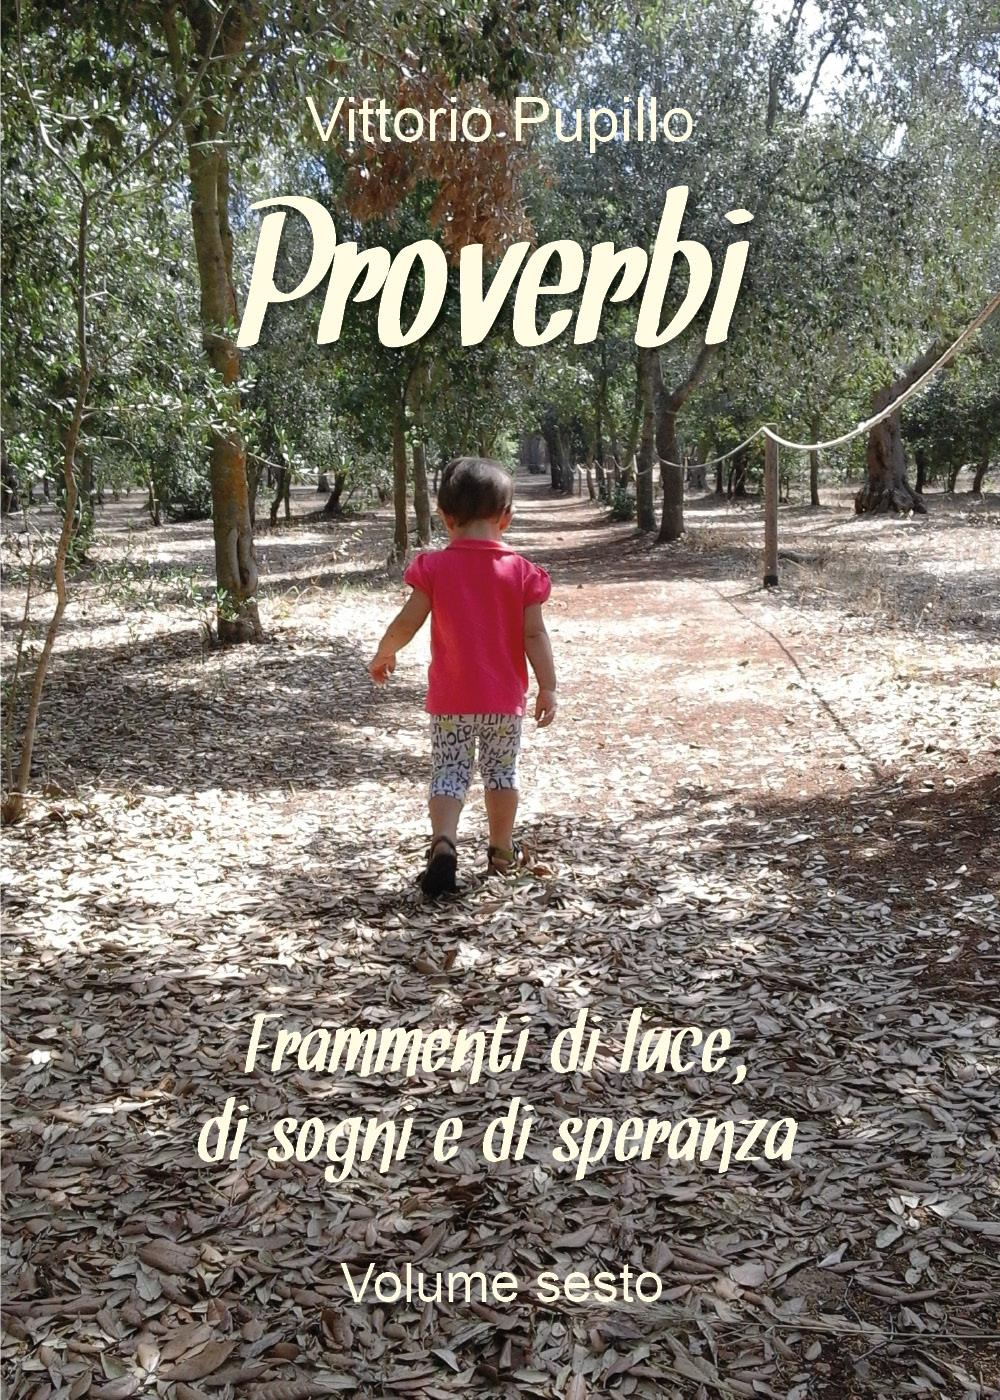 Proverbi. Frammenti di luce, di sogni e di speranza